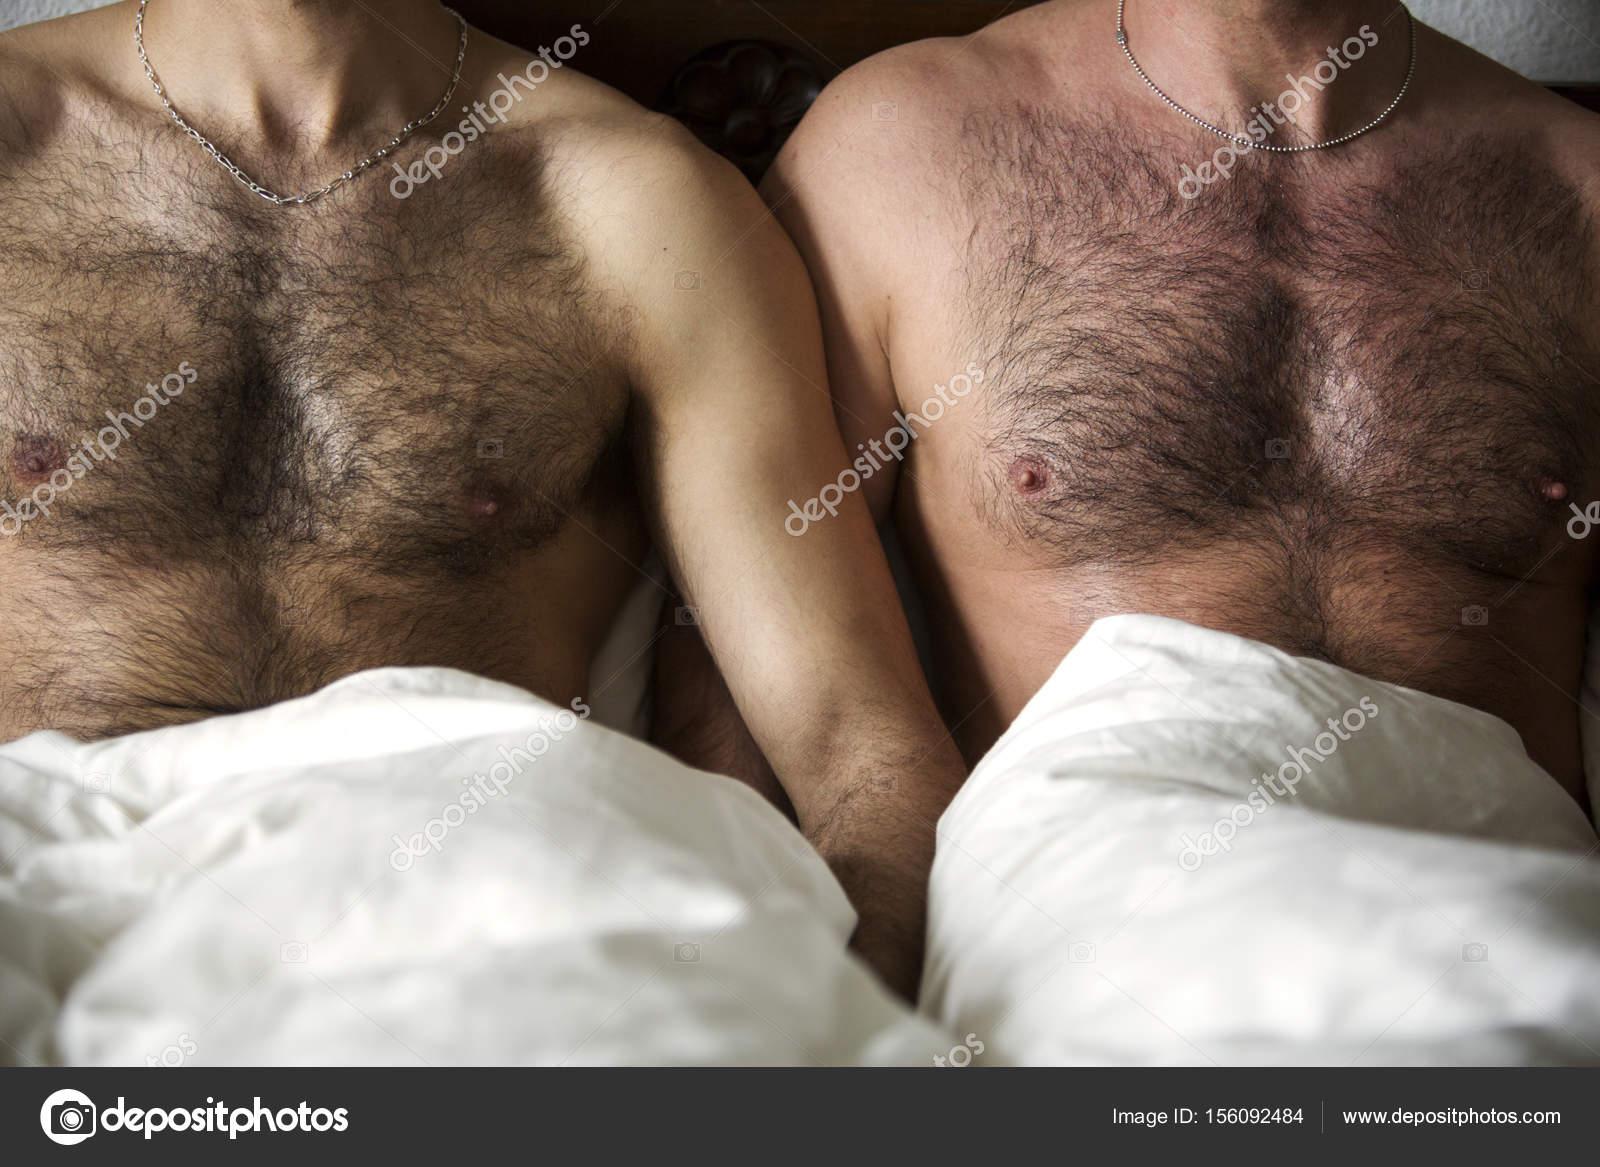 Сильно волосатый мужик, Волосатые парни ВКонтакте 25 фотография